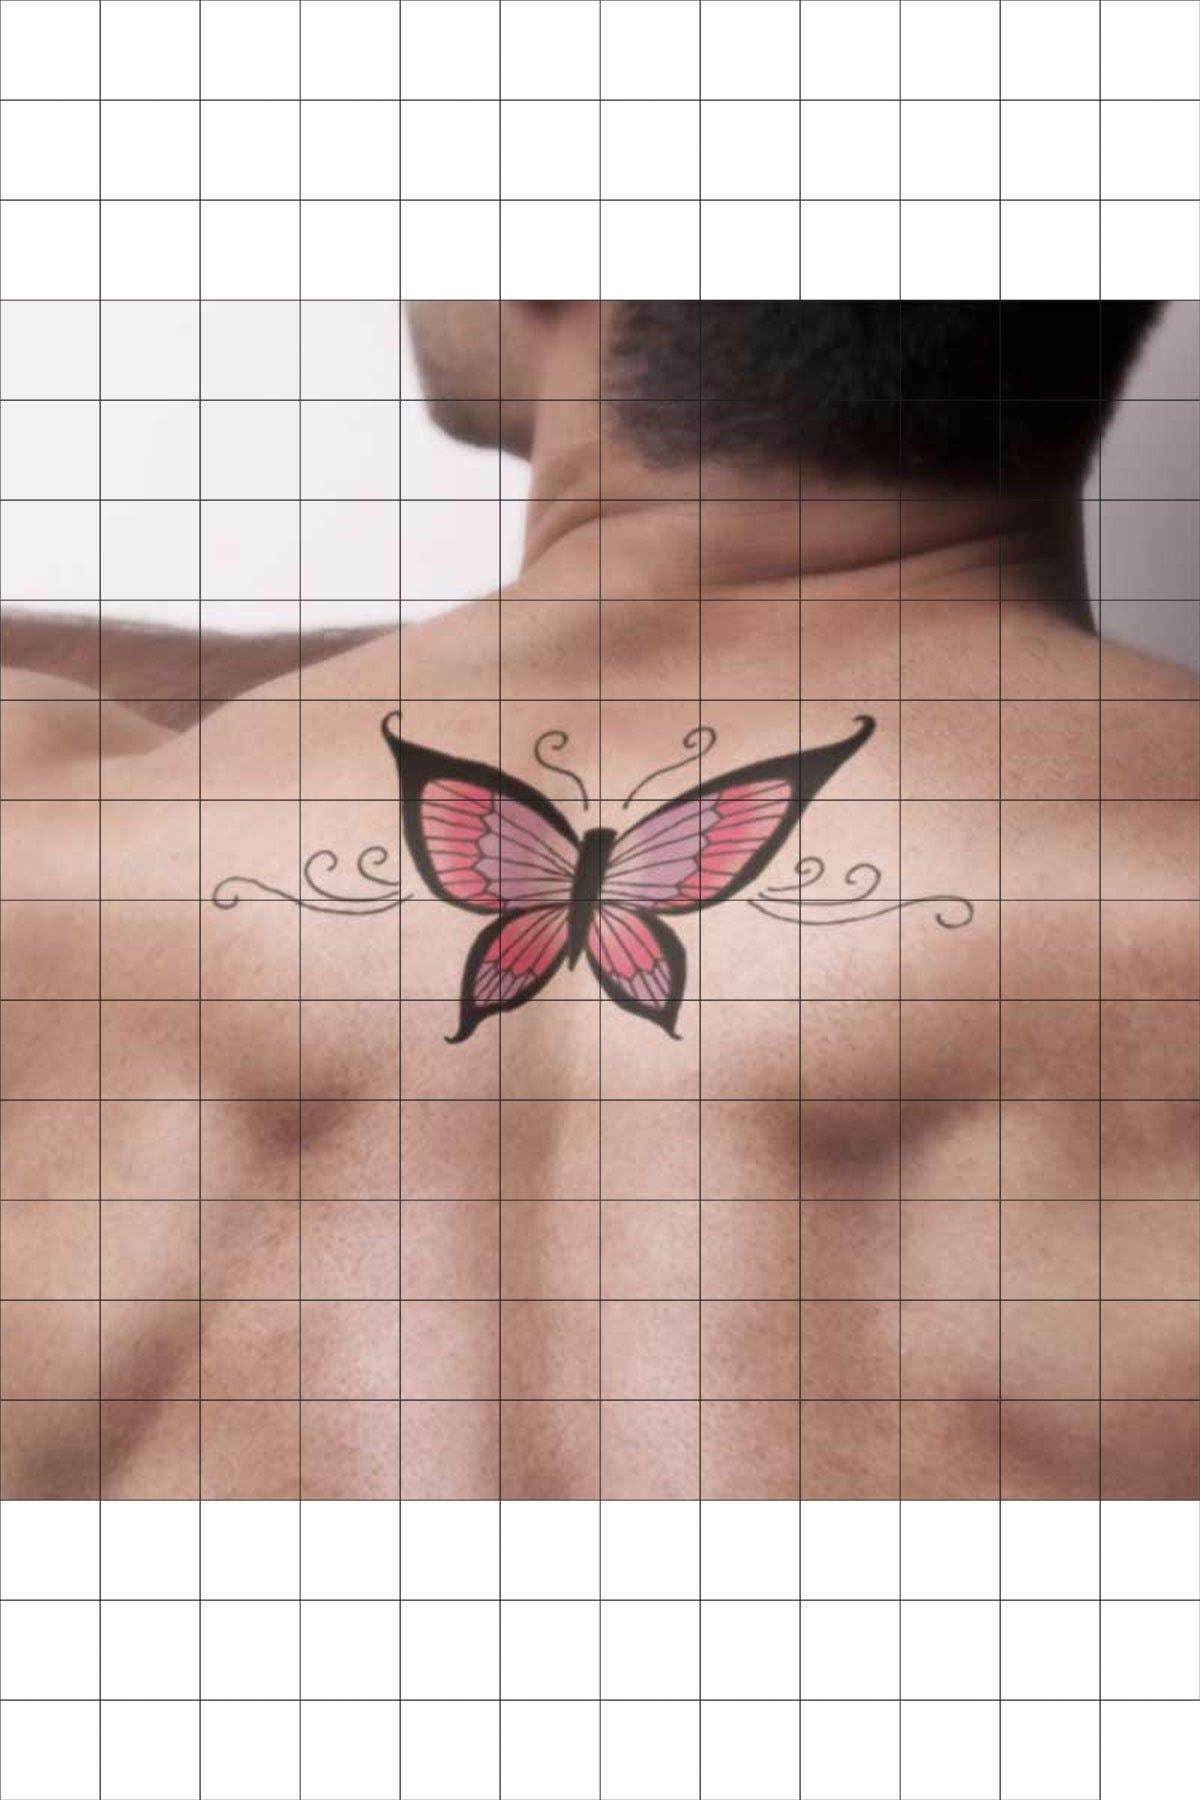 TatFast Kelebek 990 Geçici Dövme Flash Tattoo 1